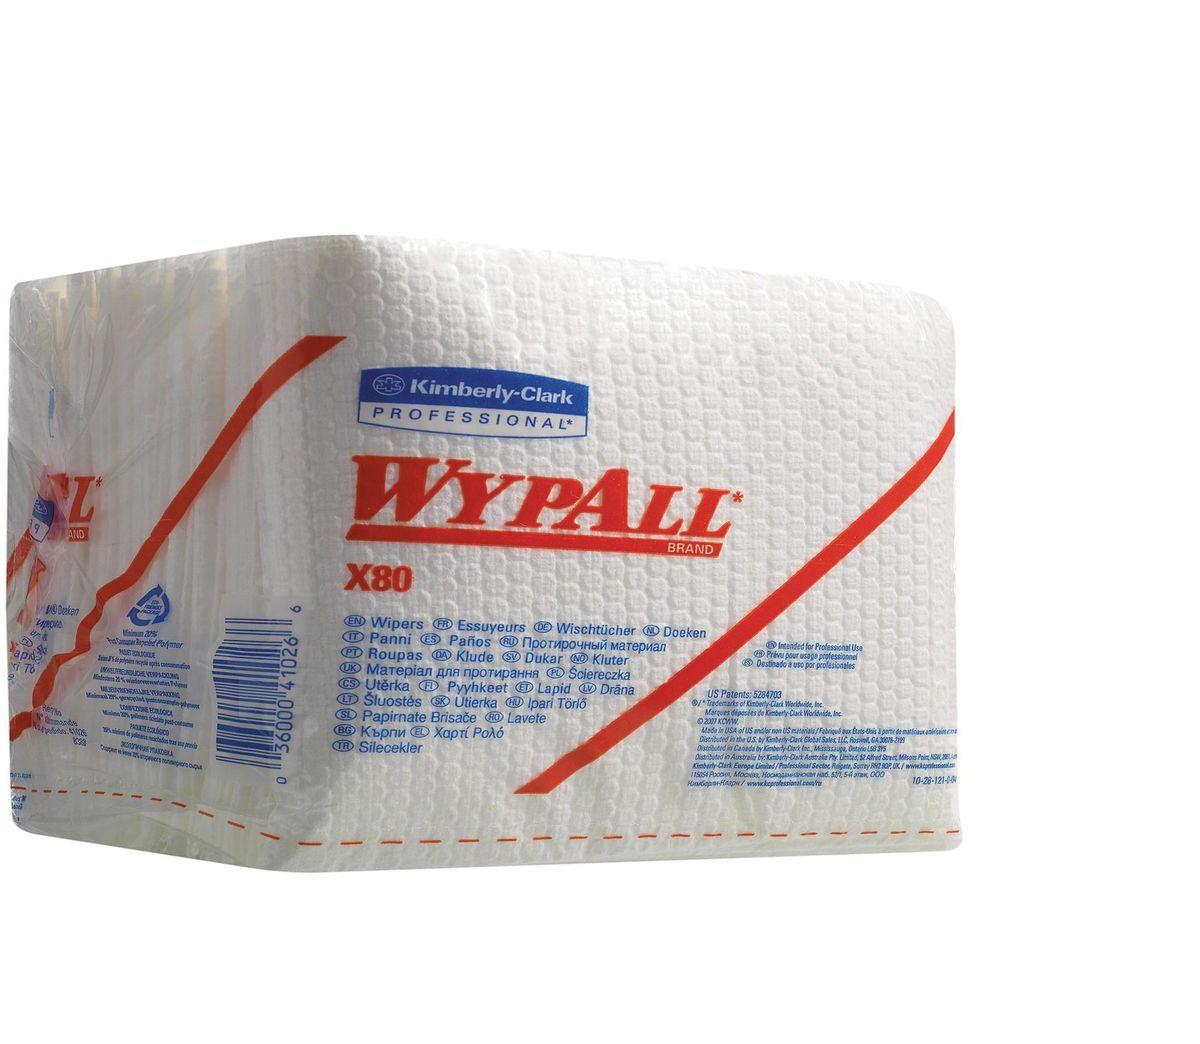 Салфетки бумажные Wypall Х80, 50 шт. 8388CDF-16Бумажные салфетки Wypall Х80, изготовленные из целлюлозы и синтетики, обладают отличной впитывающей способностью, долговечностью и прочностью, как в сухом, так и во влажном состоянии. Салфетки могут использоваться с большинством растворителей, обеспечивают быструю очистку и помогают сократить расходы. Подходят для работы по очистке от клея, масла, мусора, стекол, а также для прецизионной очистки сложных механизмов и деталей. Салфетки Wypall Х80 могут использоваться с переносными или стационарными диспенсерами для контроля расхода продукта и уменьшения объема отходов.